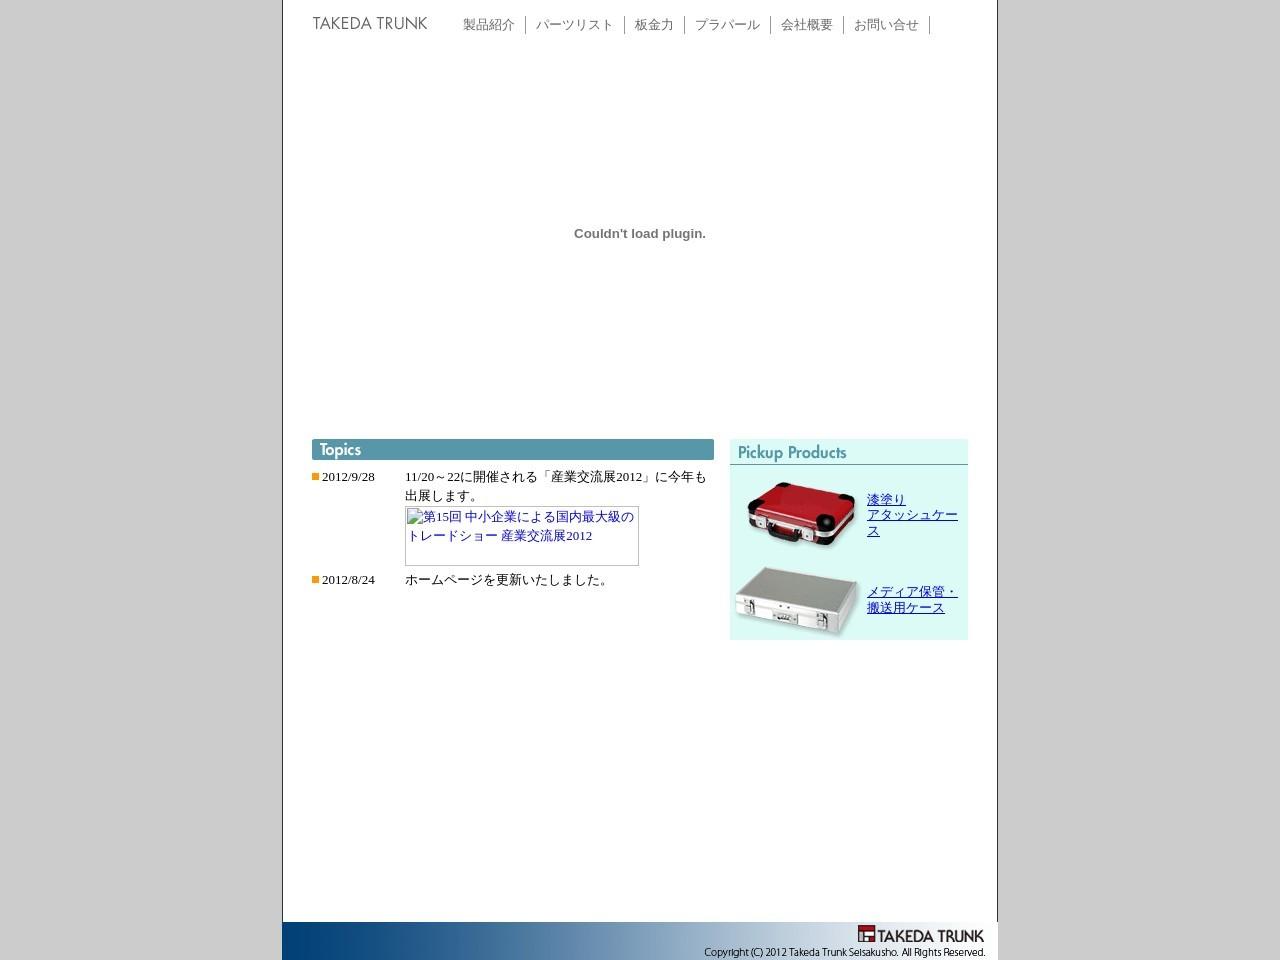 株式会社武田トランク